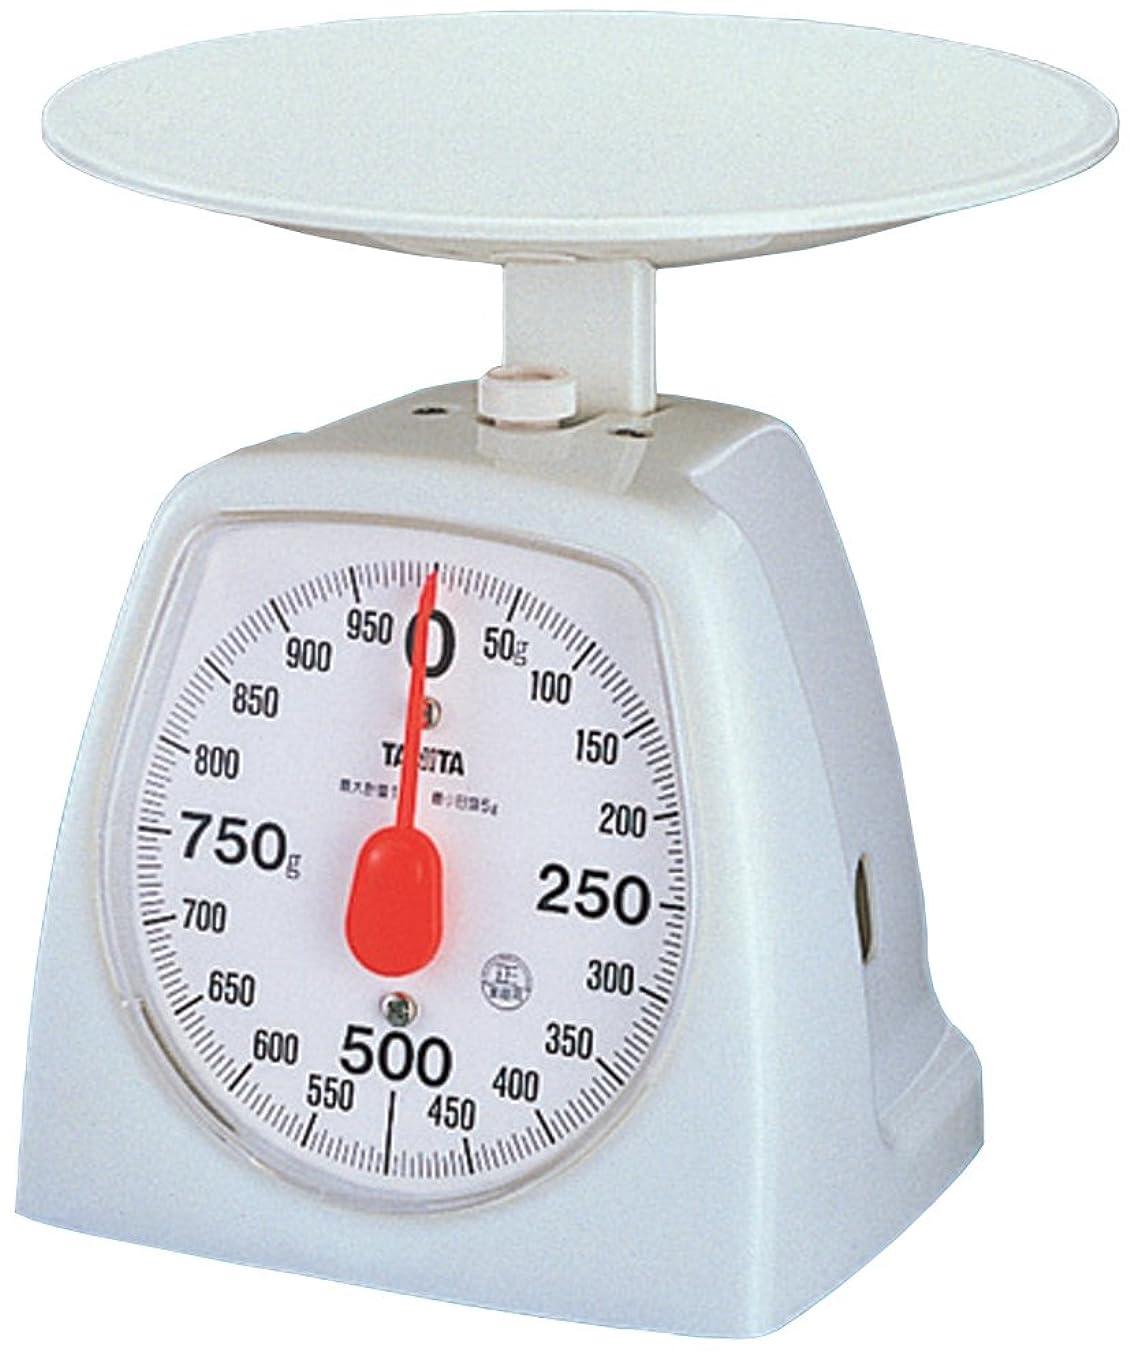 エトナ山浸食ペナルティTANITA アナログクッキングスケール 1kg ホワイト 1439-WH-1KG